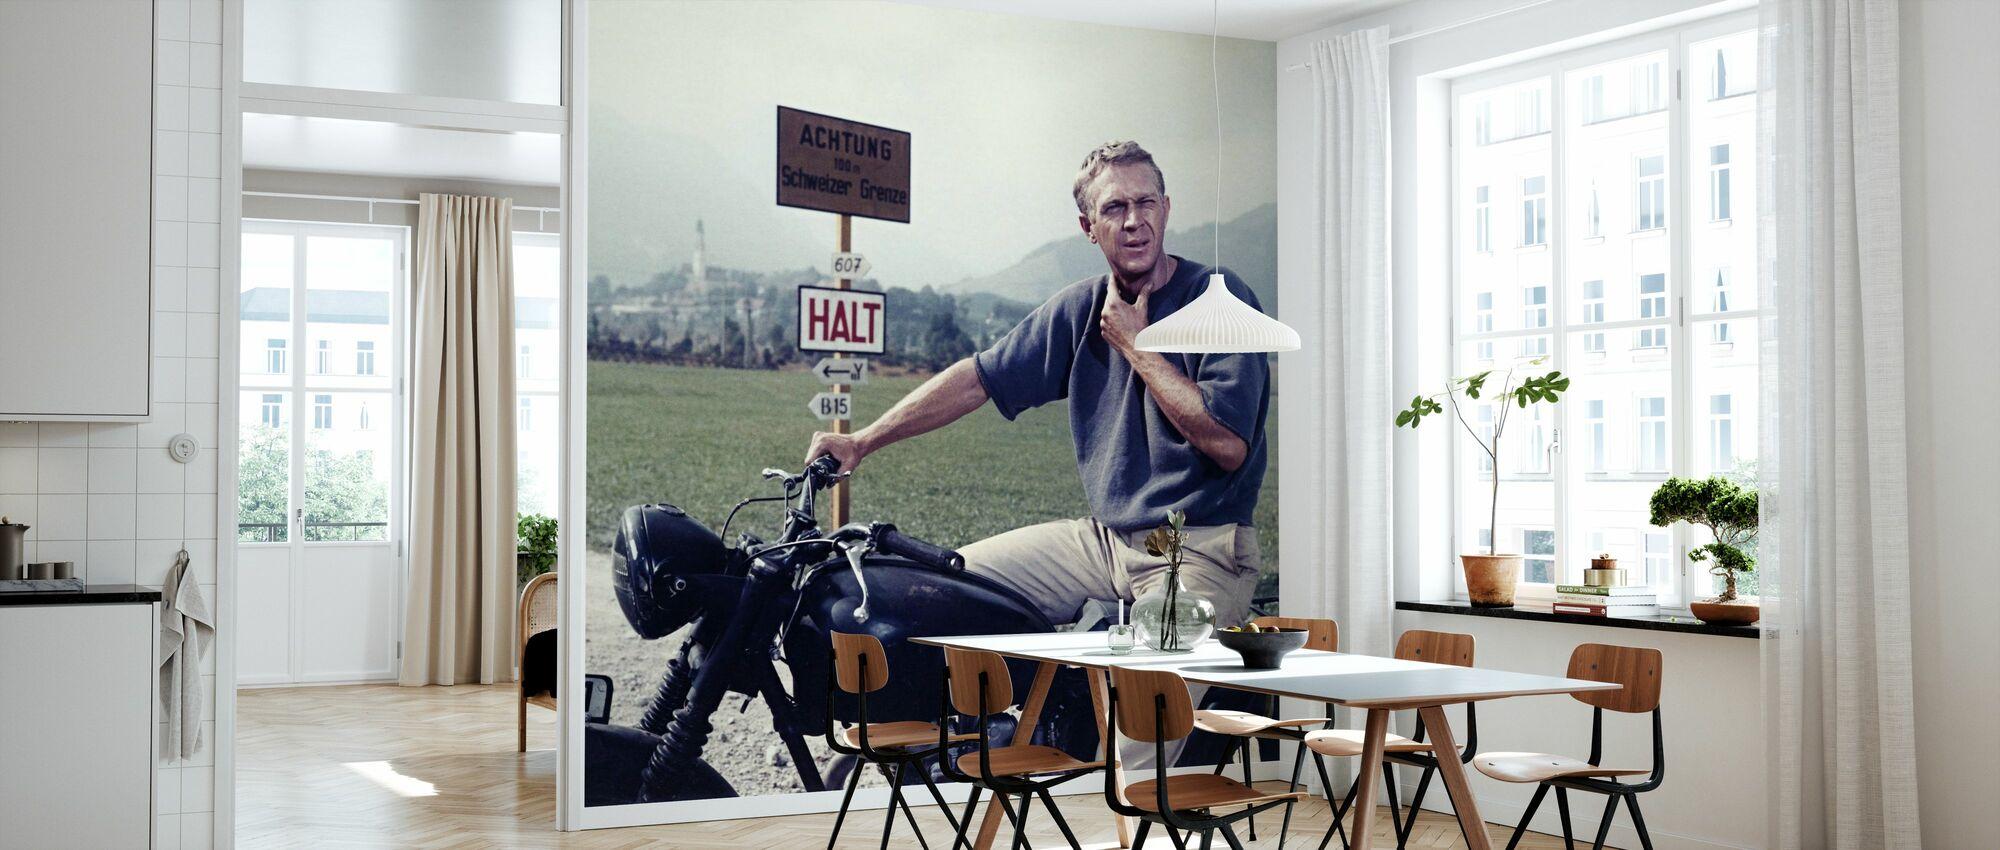 Grande fuga -Steve McQueen - Carta da parati - Cucina